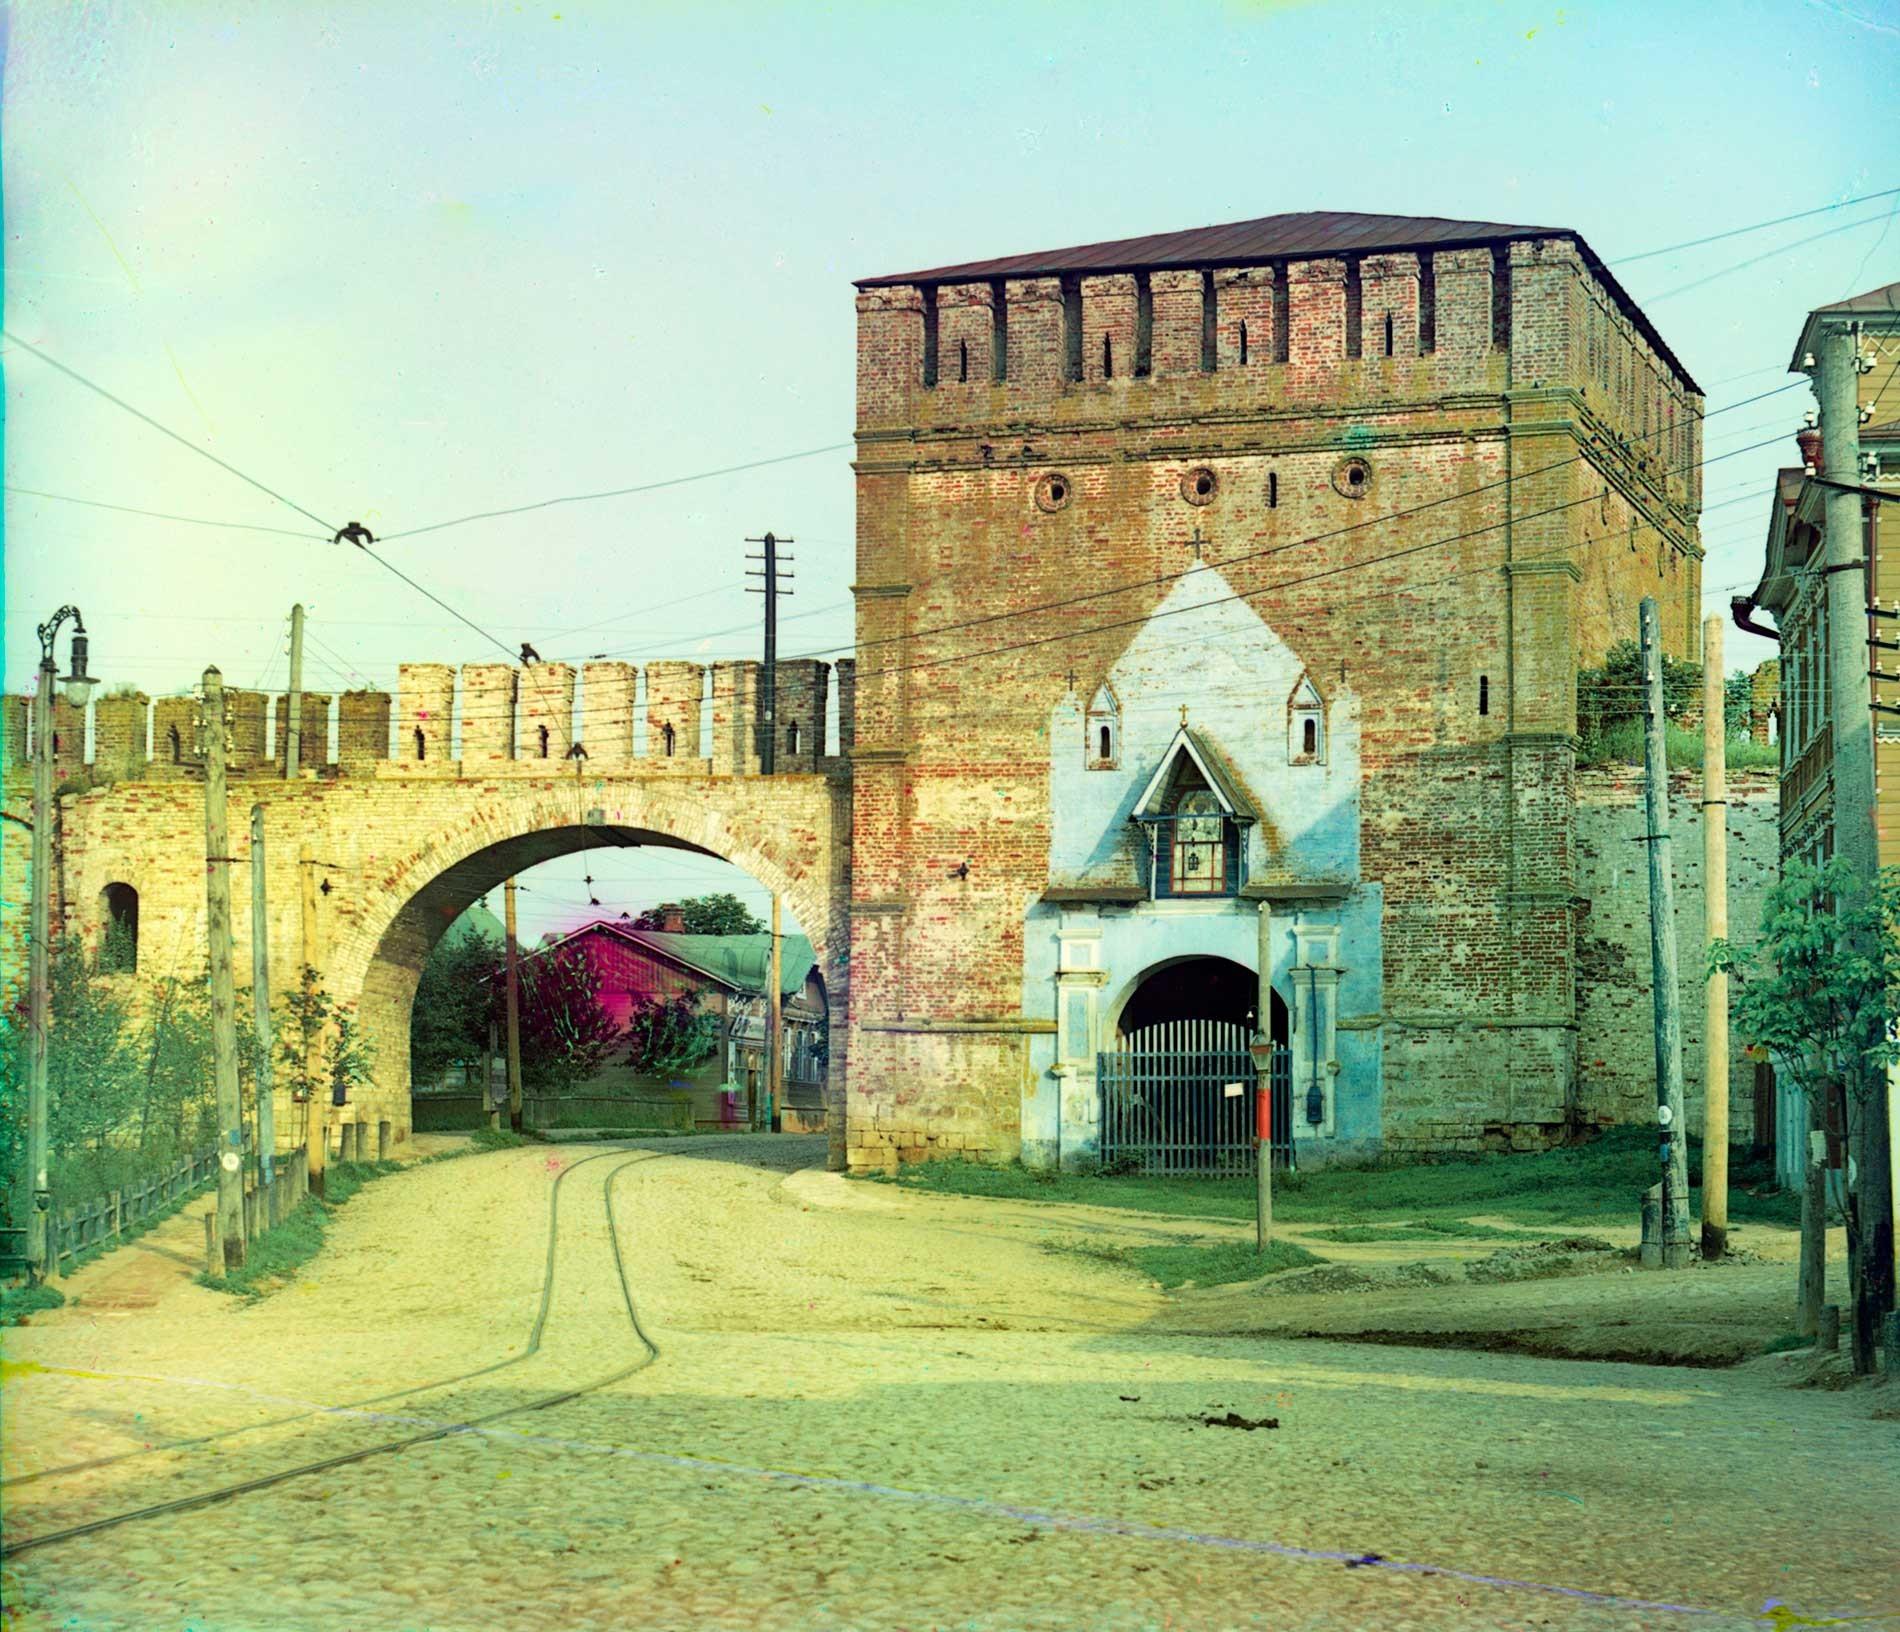 Ciudadela de Smolensk. Puerta y Torre de San Nicolás, con línea de tranvía. Verano de 1912.